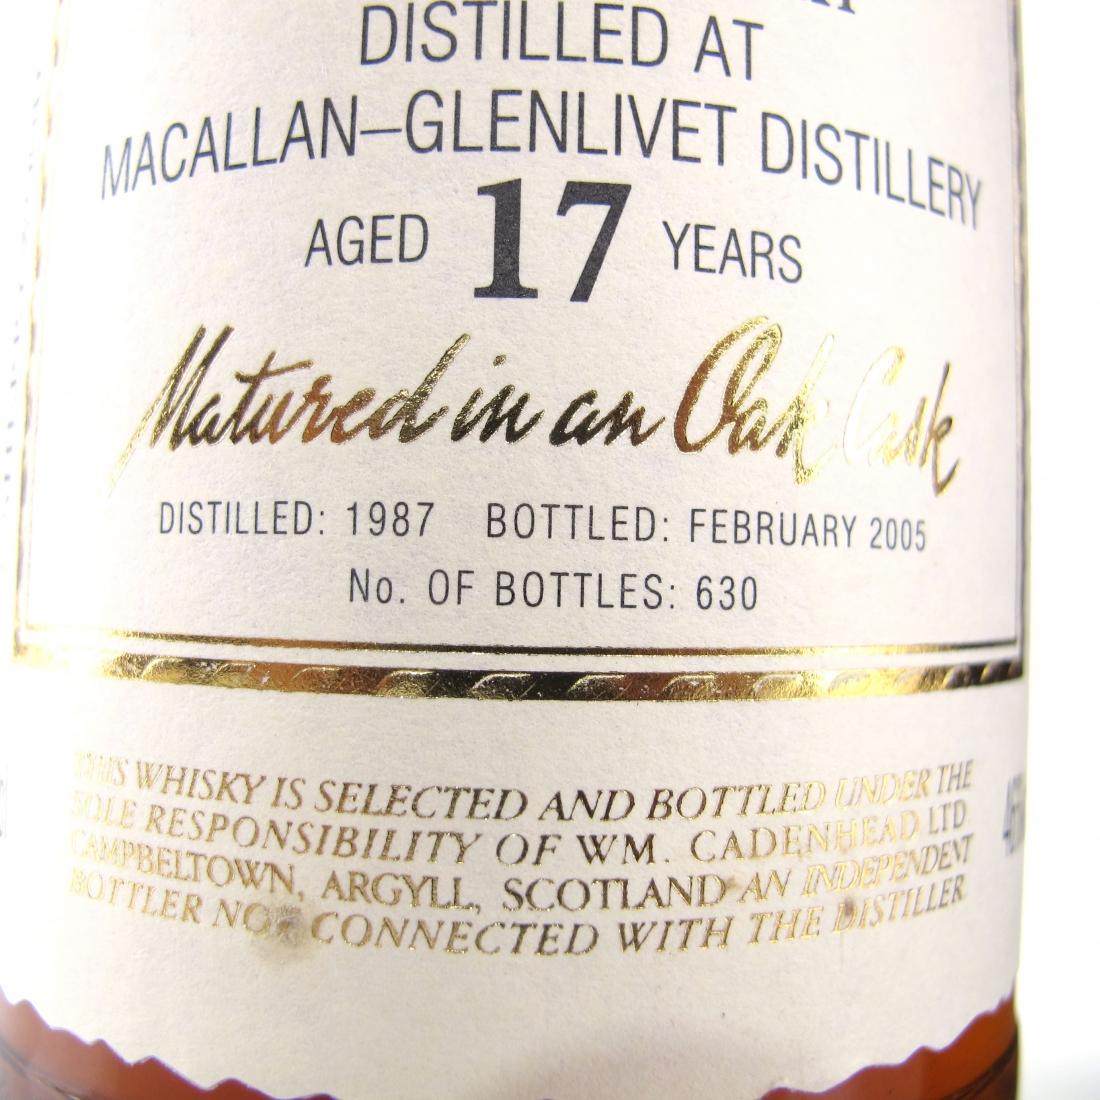 Macallan 1987 Cadenhead's 17 Year Old